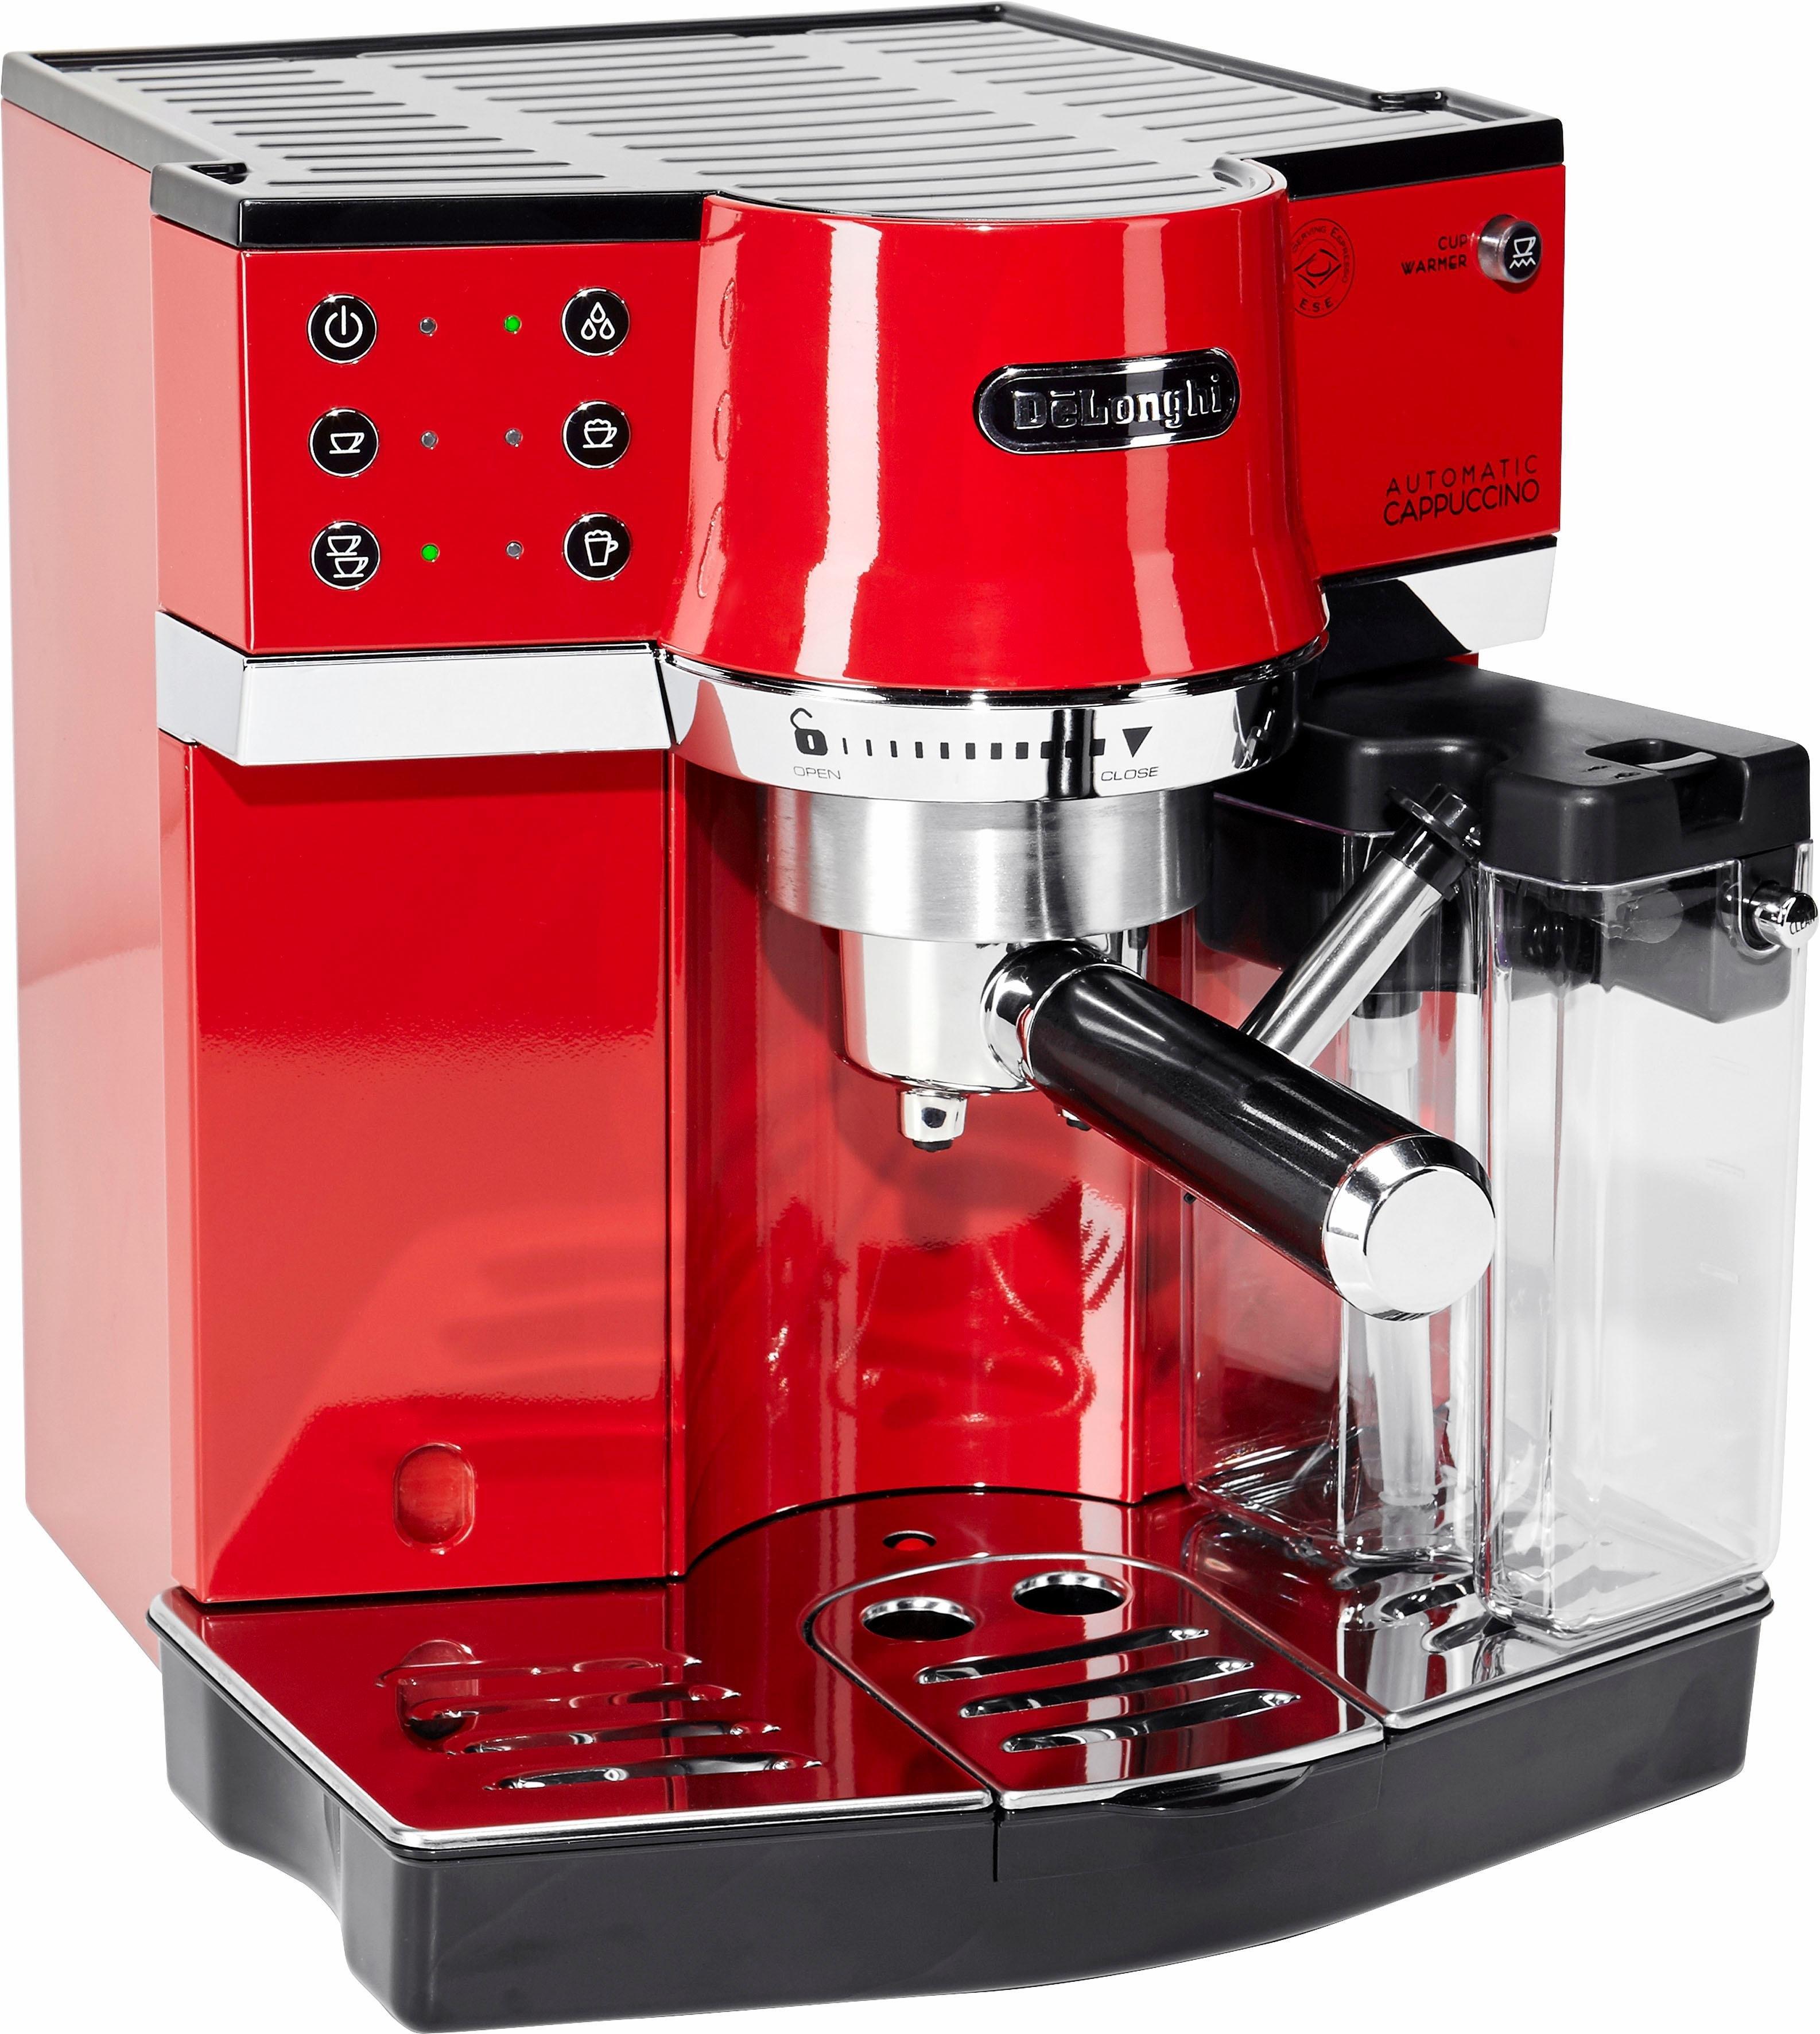 Delonghi De'Longhi Espresso-apparaat EC 860.R, met melkopschuimer, rood goedkoop op otto.nl kopen